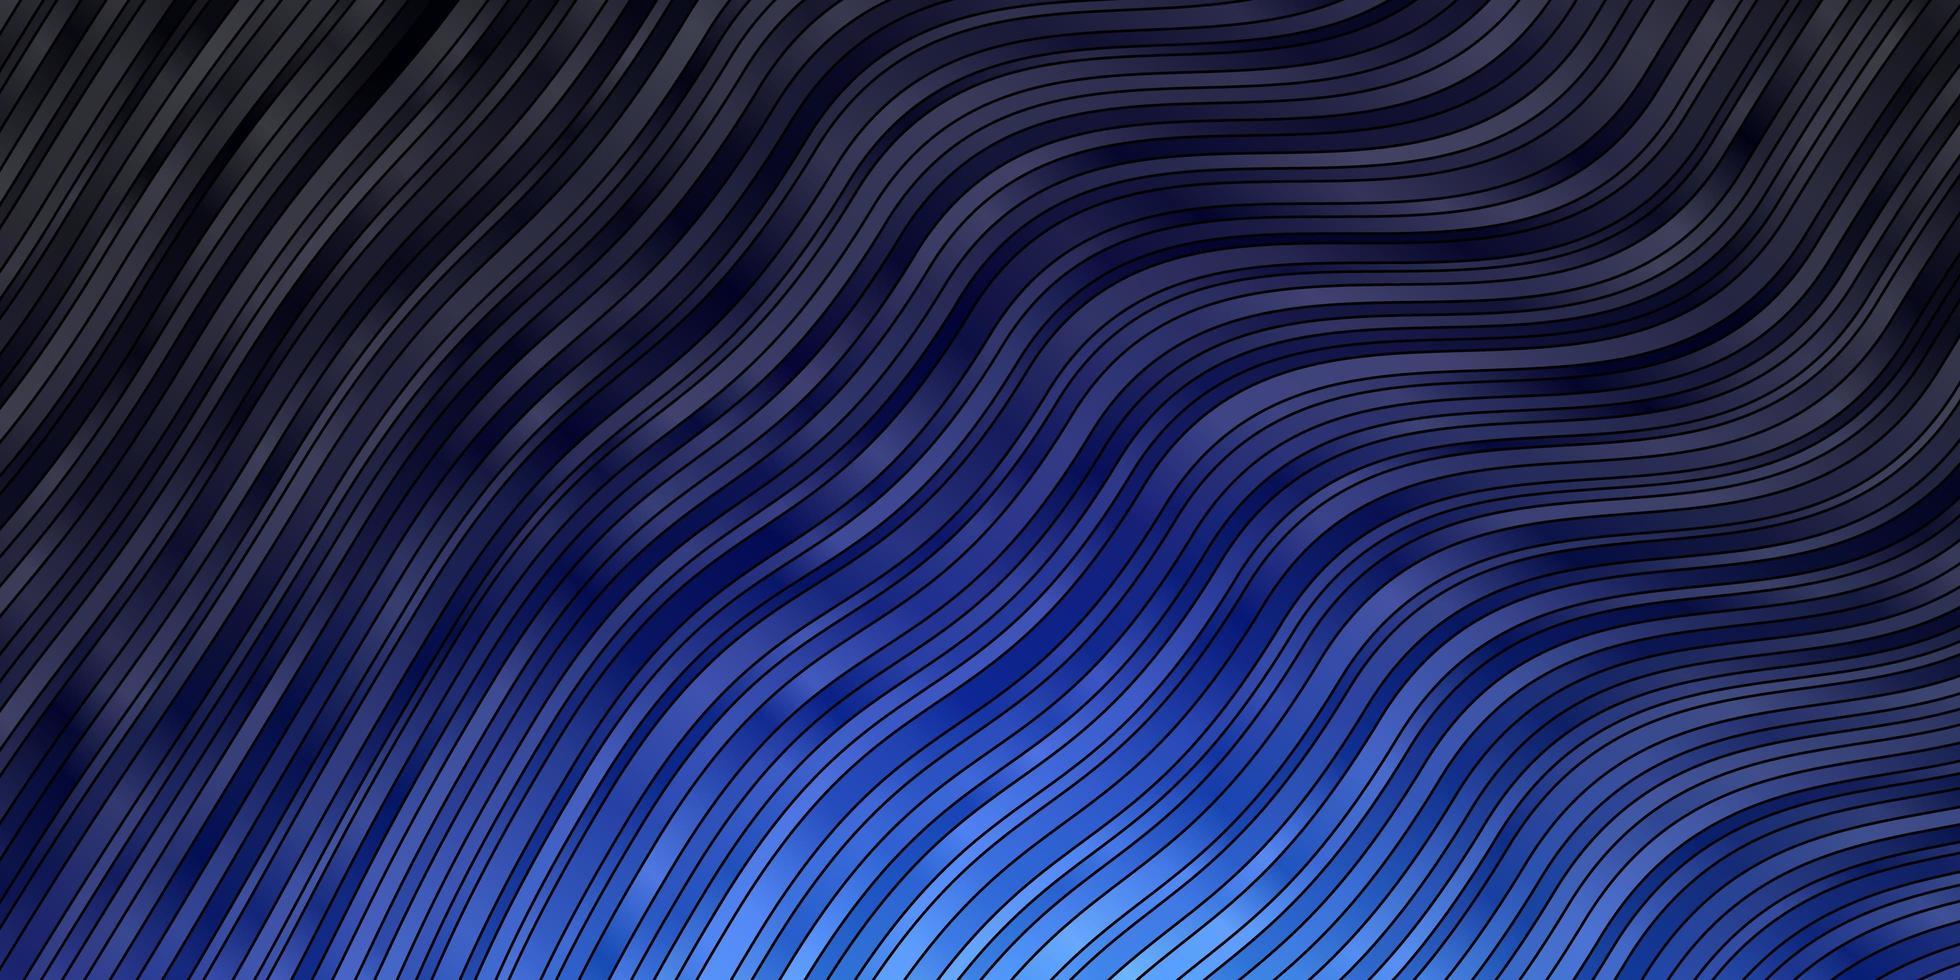 sfondo blu scuro con linee ironiche. vettore